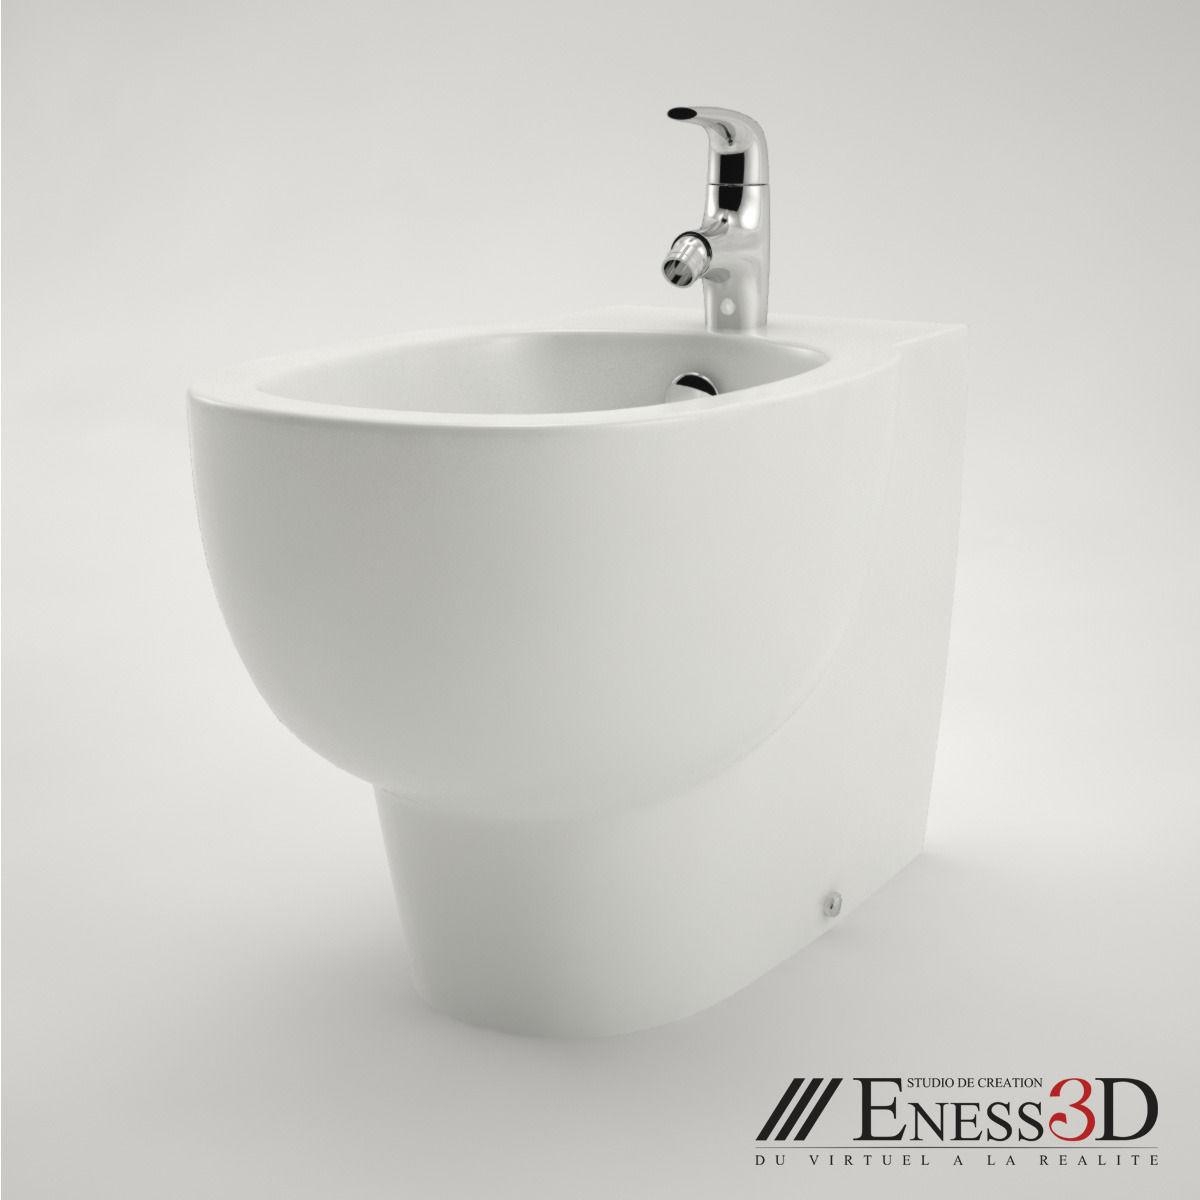 pro bidet jacob delafon ove e1705 3d model max obj fbx. Black Bedroom Furniture Sets. Home Design Ideas